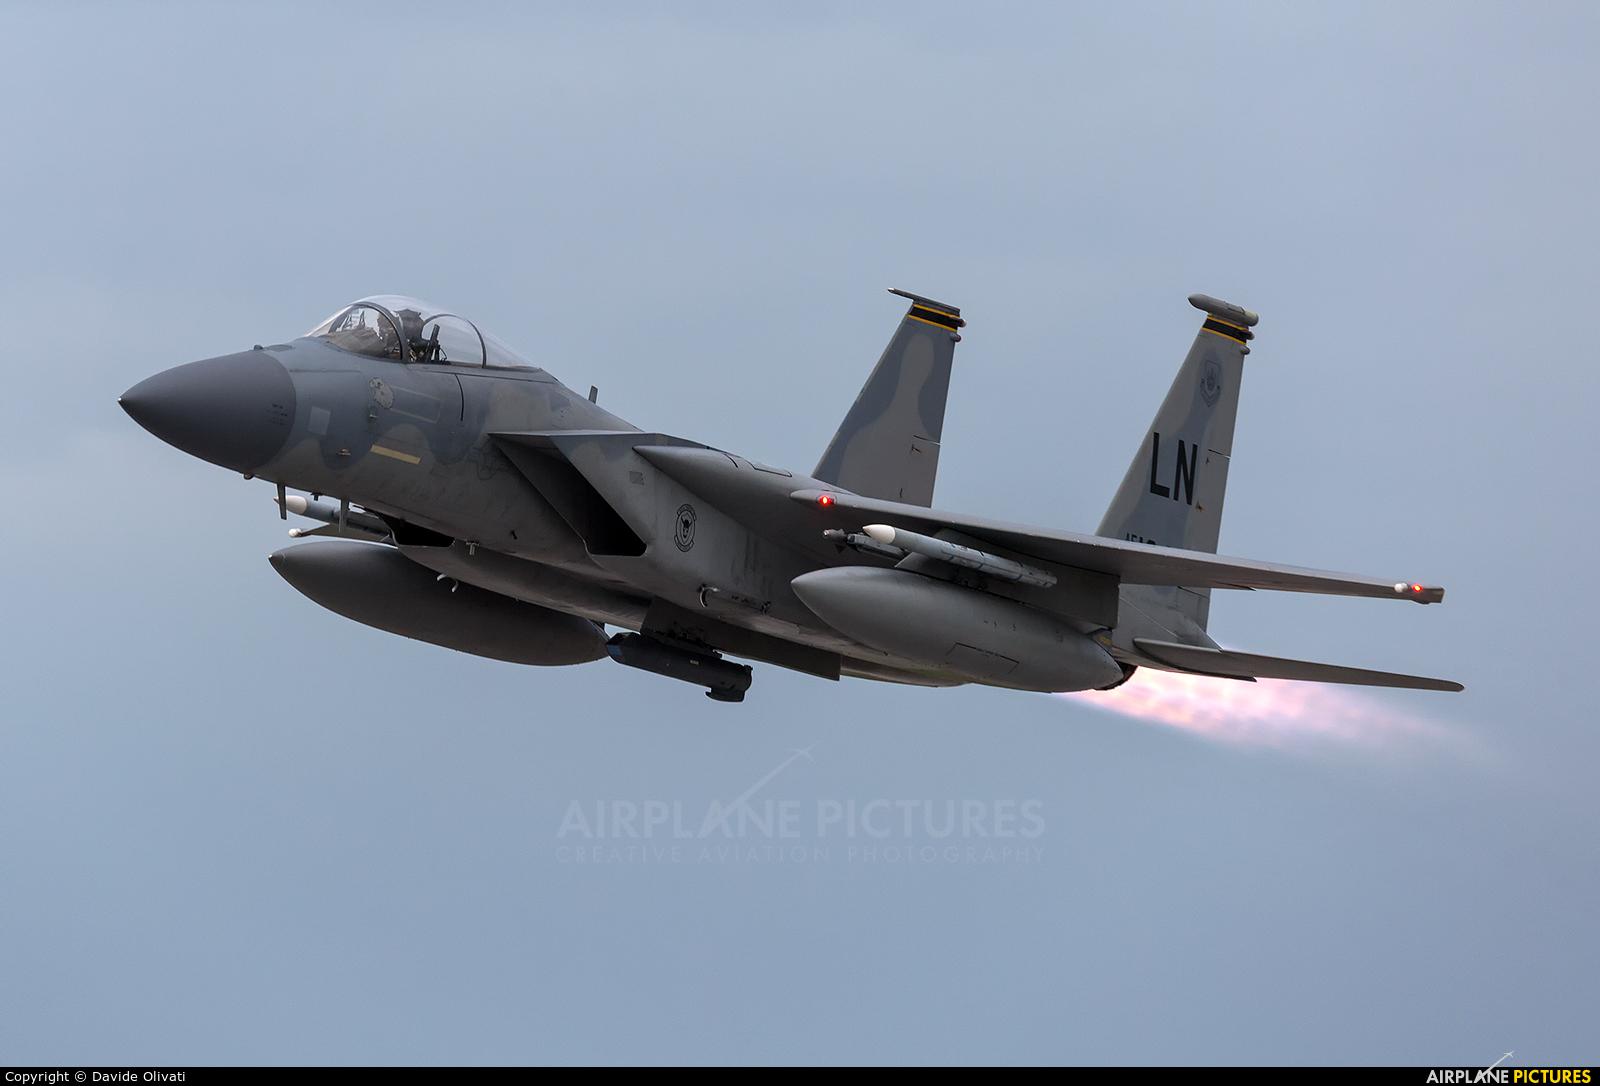 USA - Air Force 86-0174 aircraft at Amendola